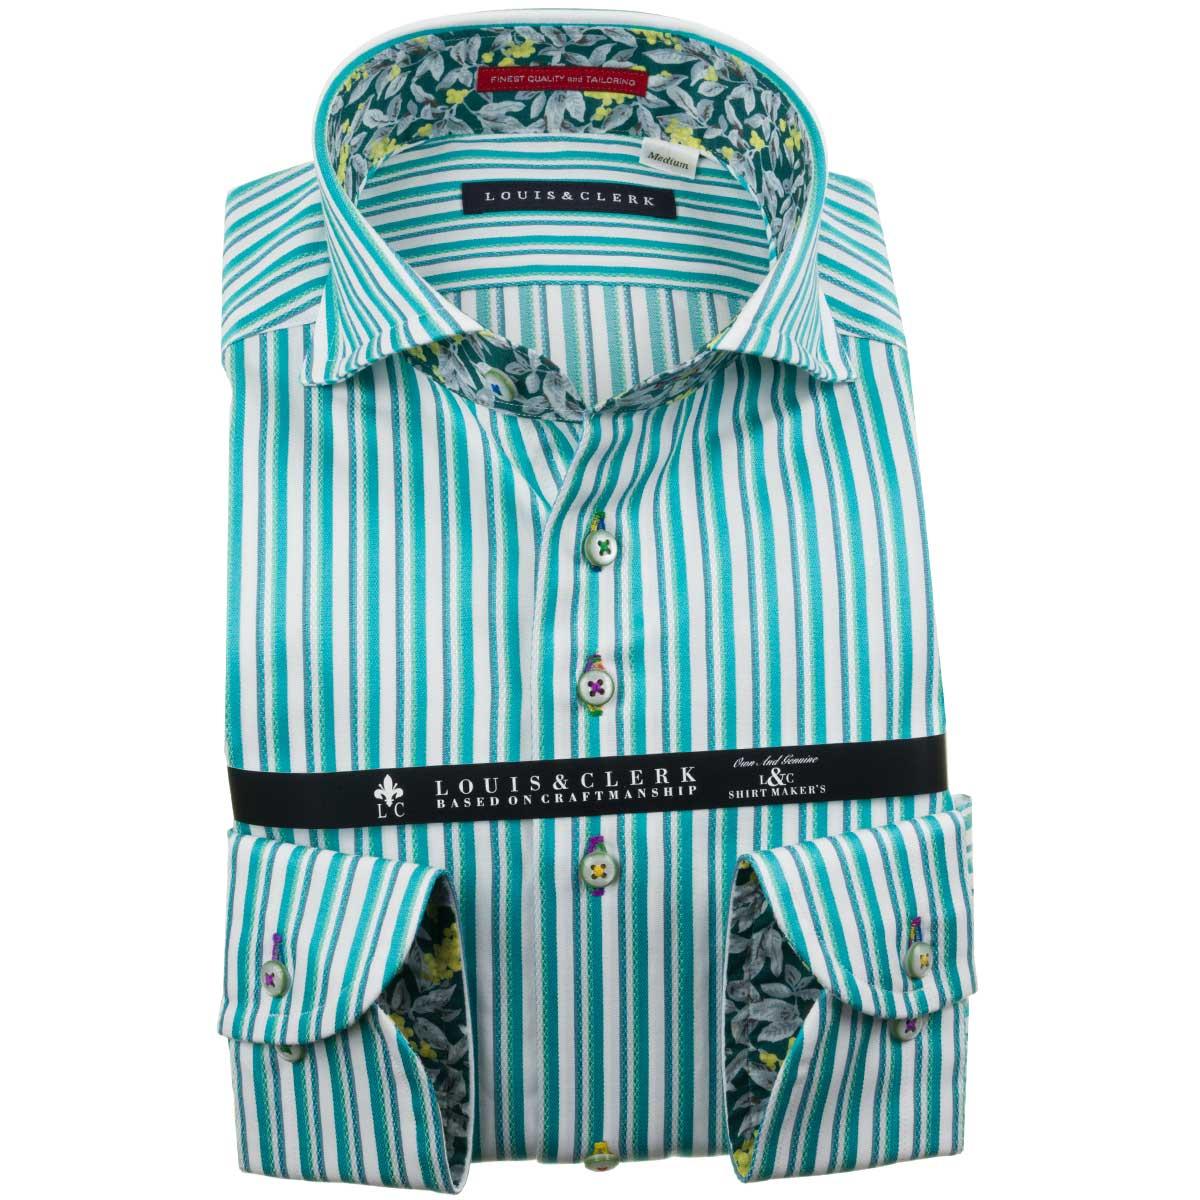 ドレスシャツ ワイシャツ シャツ メンズ 国産 長袖 純綿100% コンフォート カッタウェイワイド パステルグリーン オルタネイトマルチストライプ 1910 fs3gm